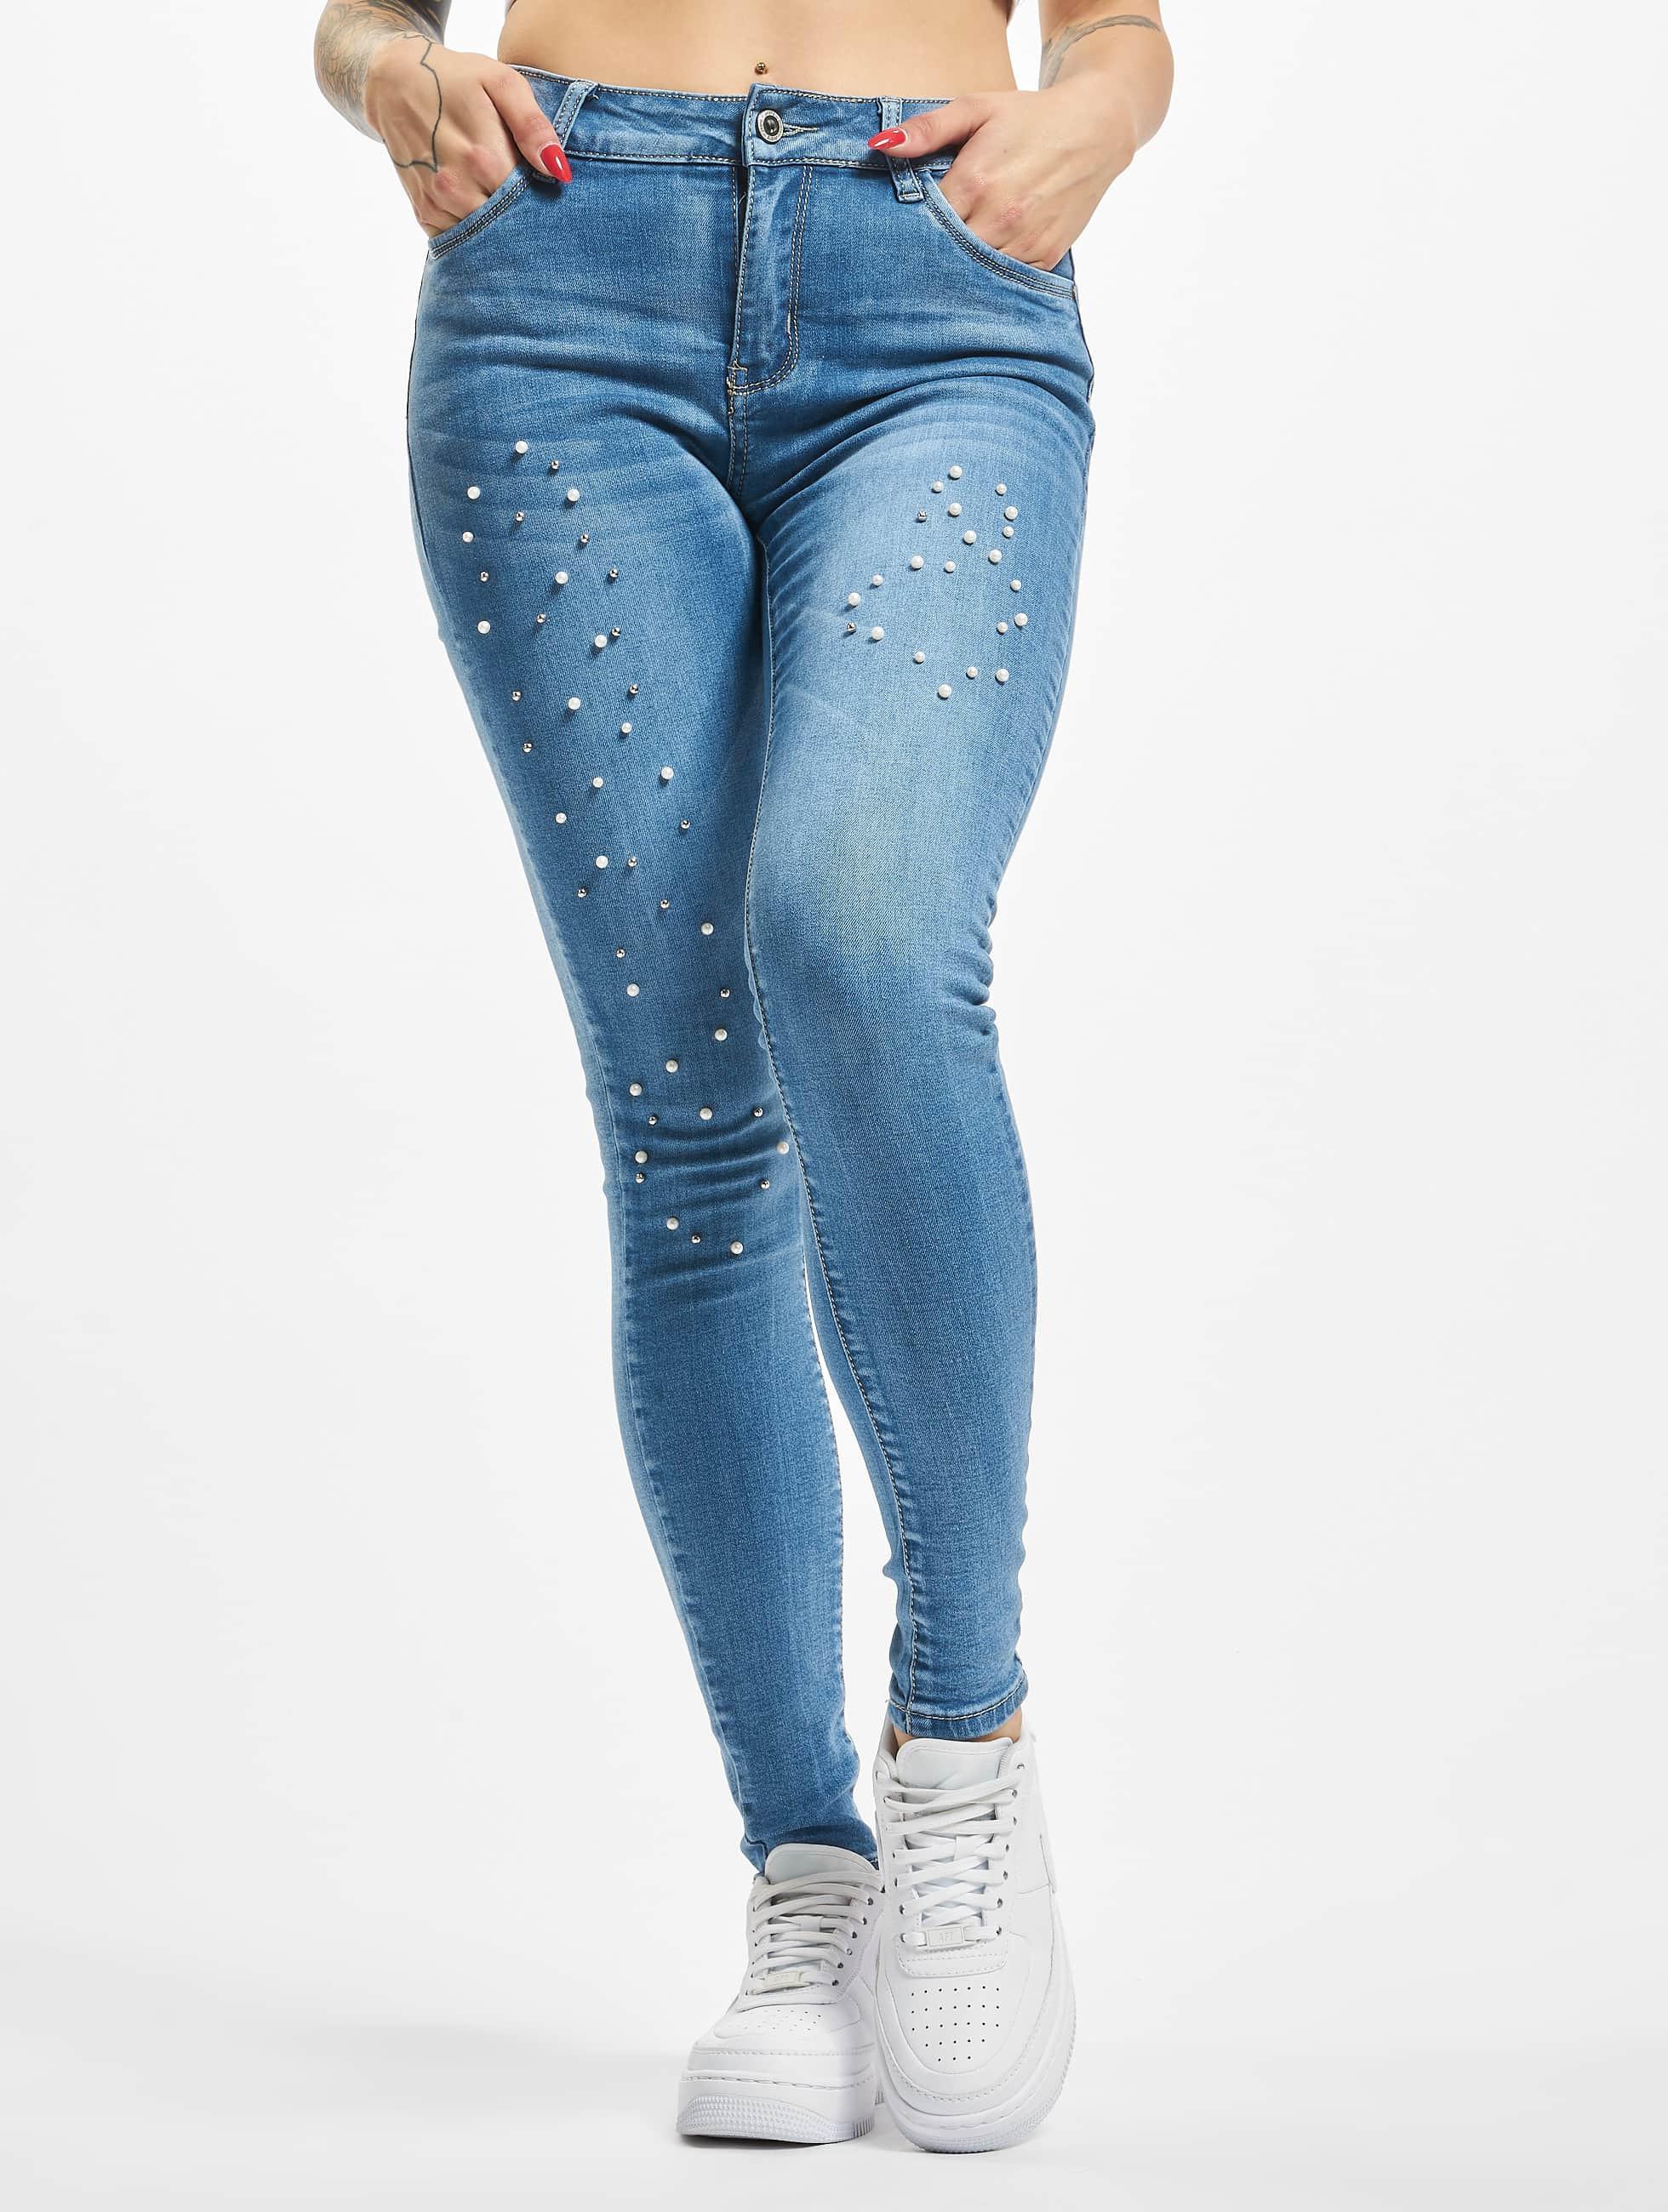 Leg Kings Skinny Jeans Pearl blue